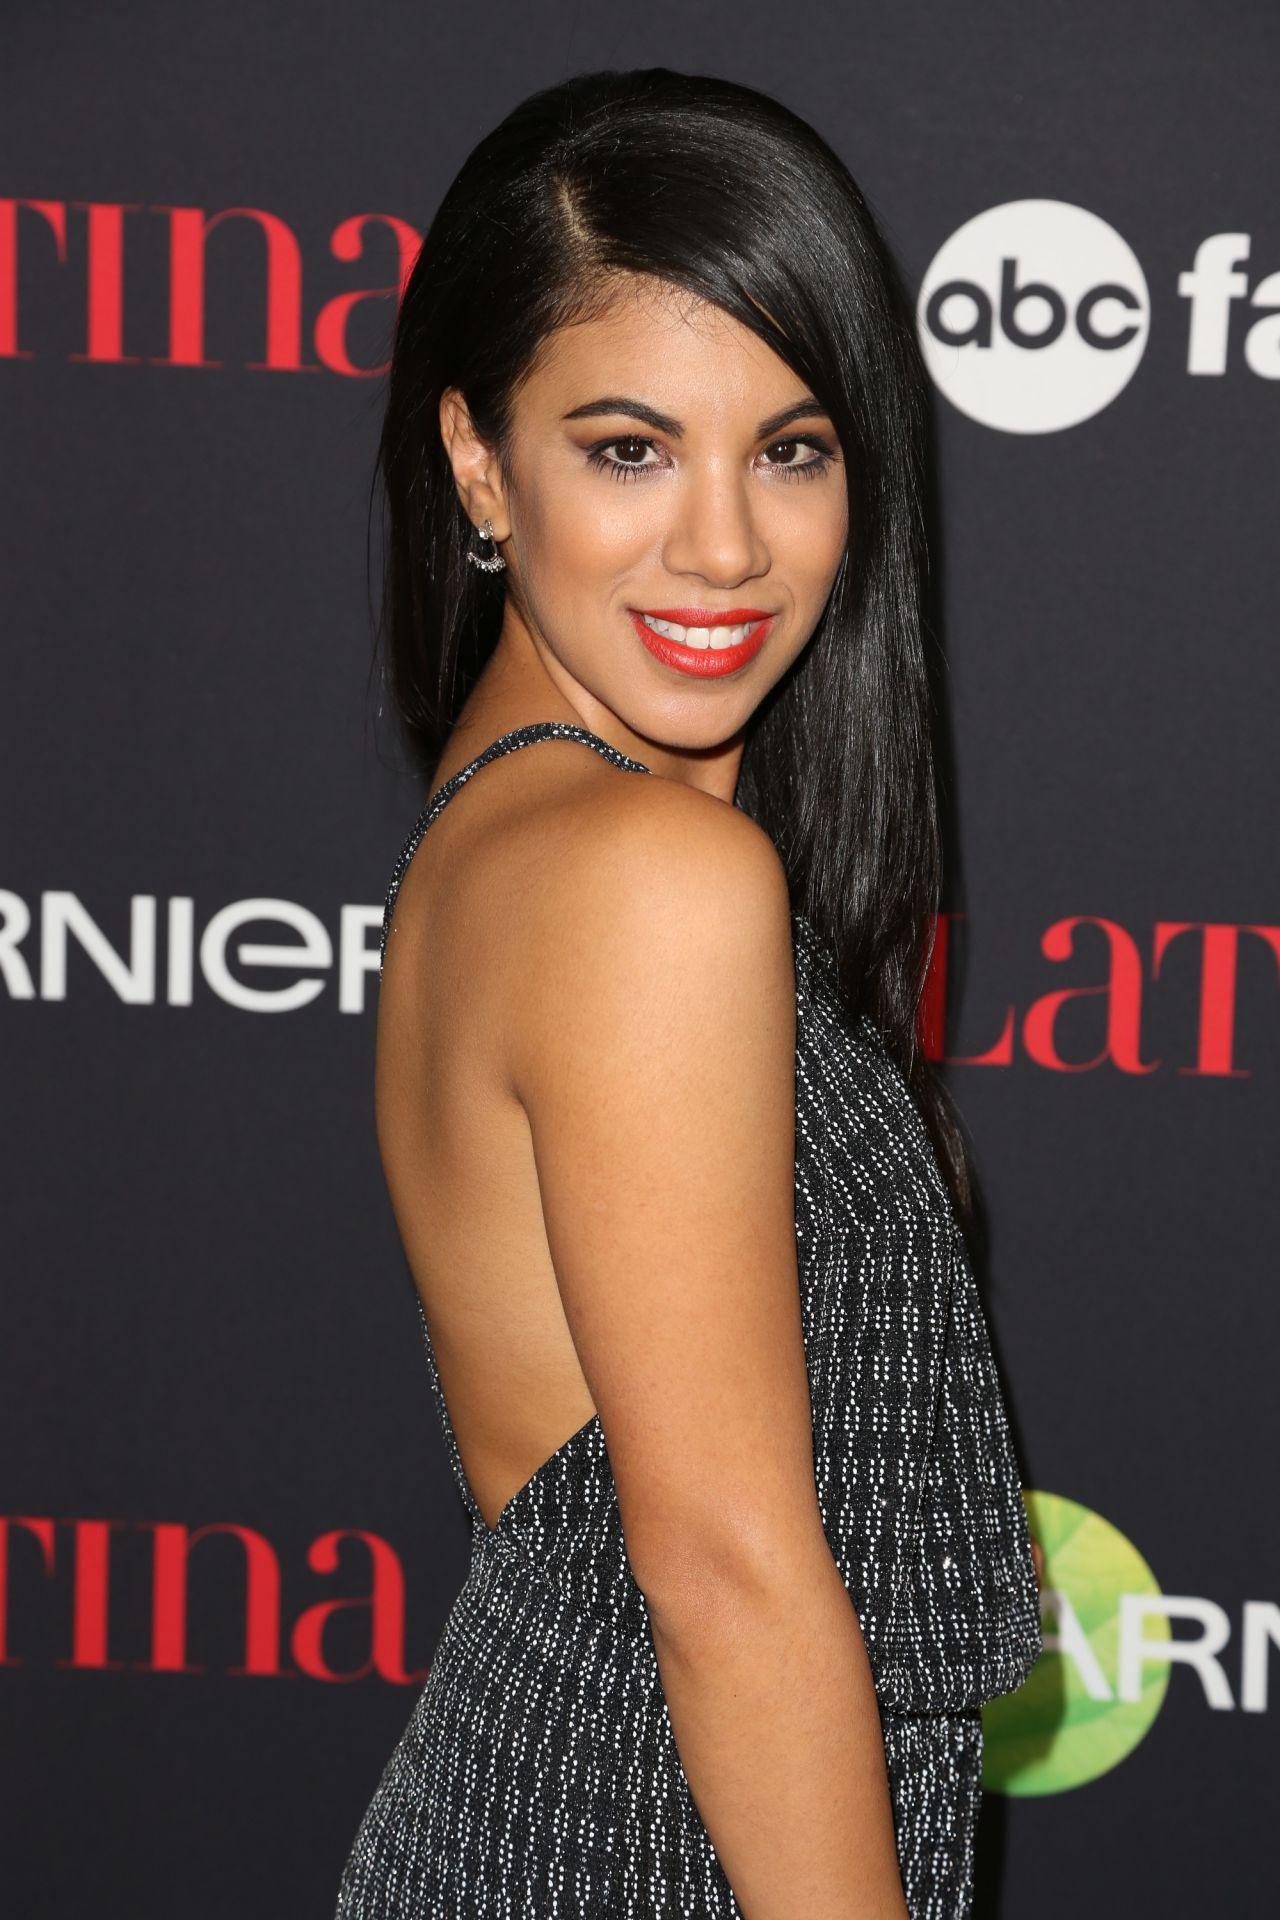 Chrissie Fit 2014 Latina Magazine S 30 Under 30